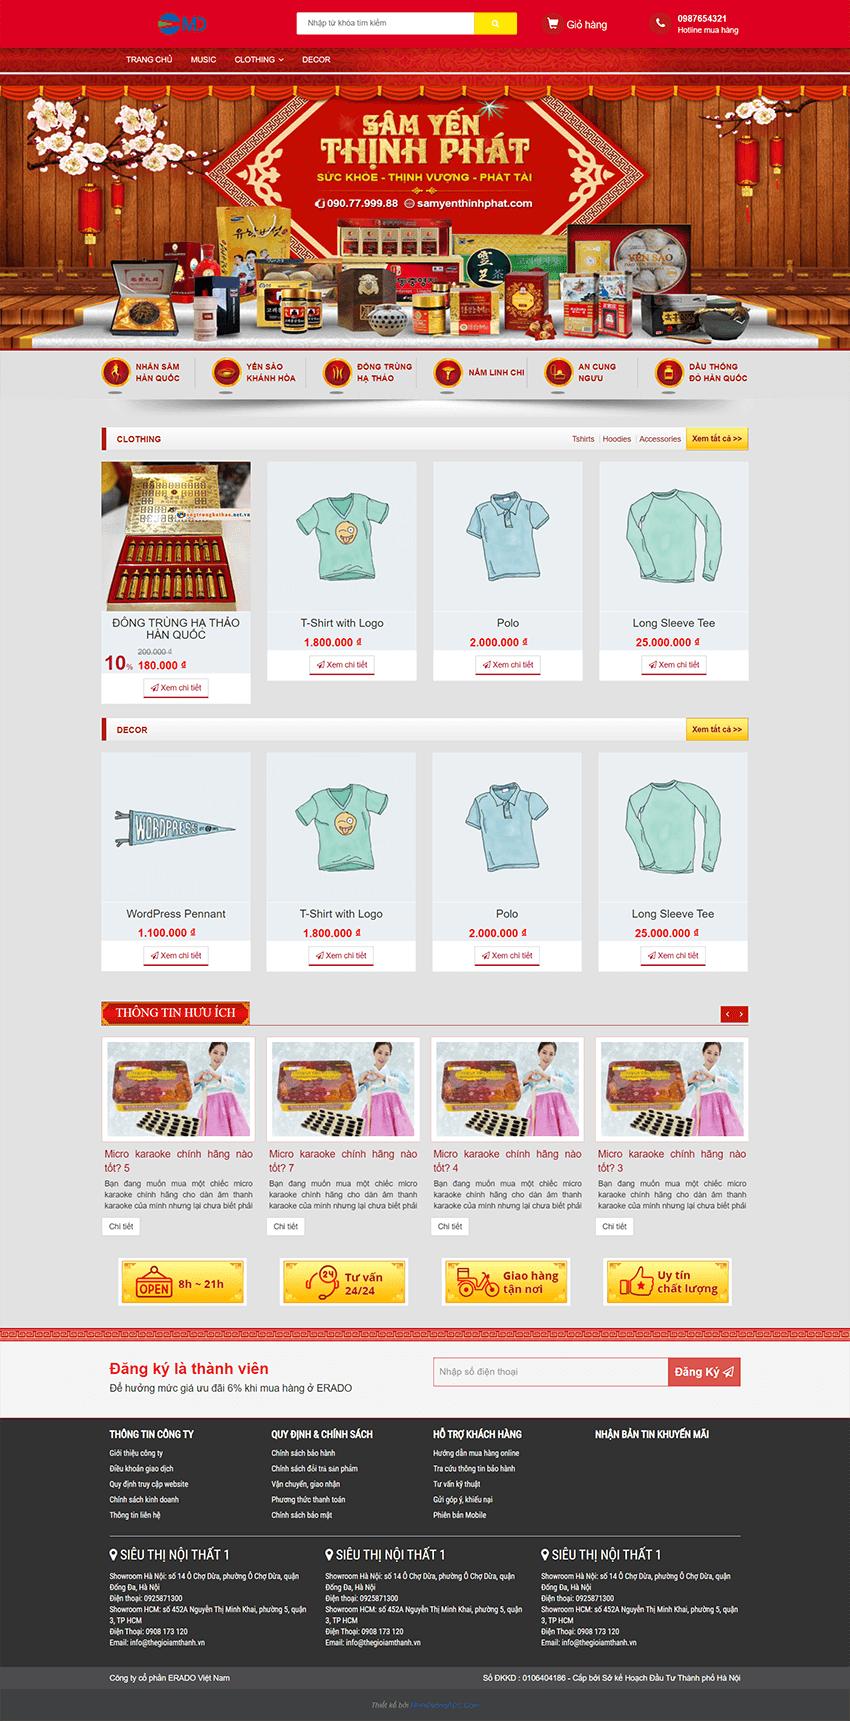 Website bán hàng sâm